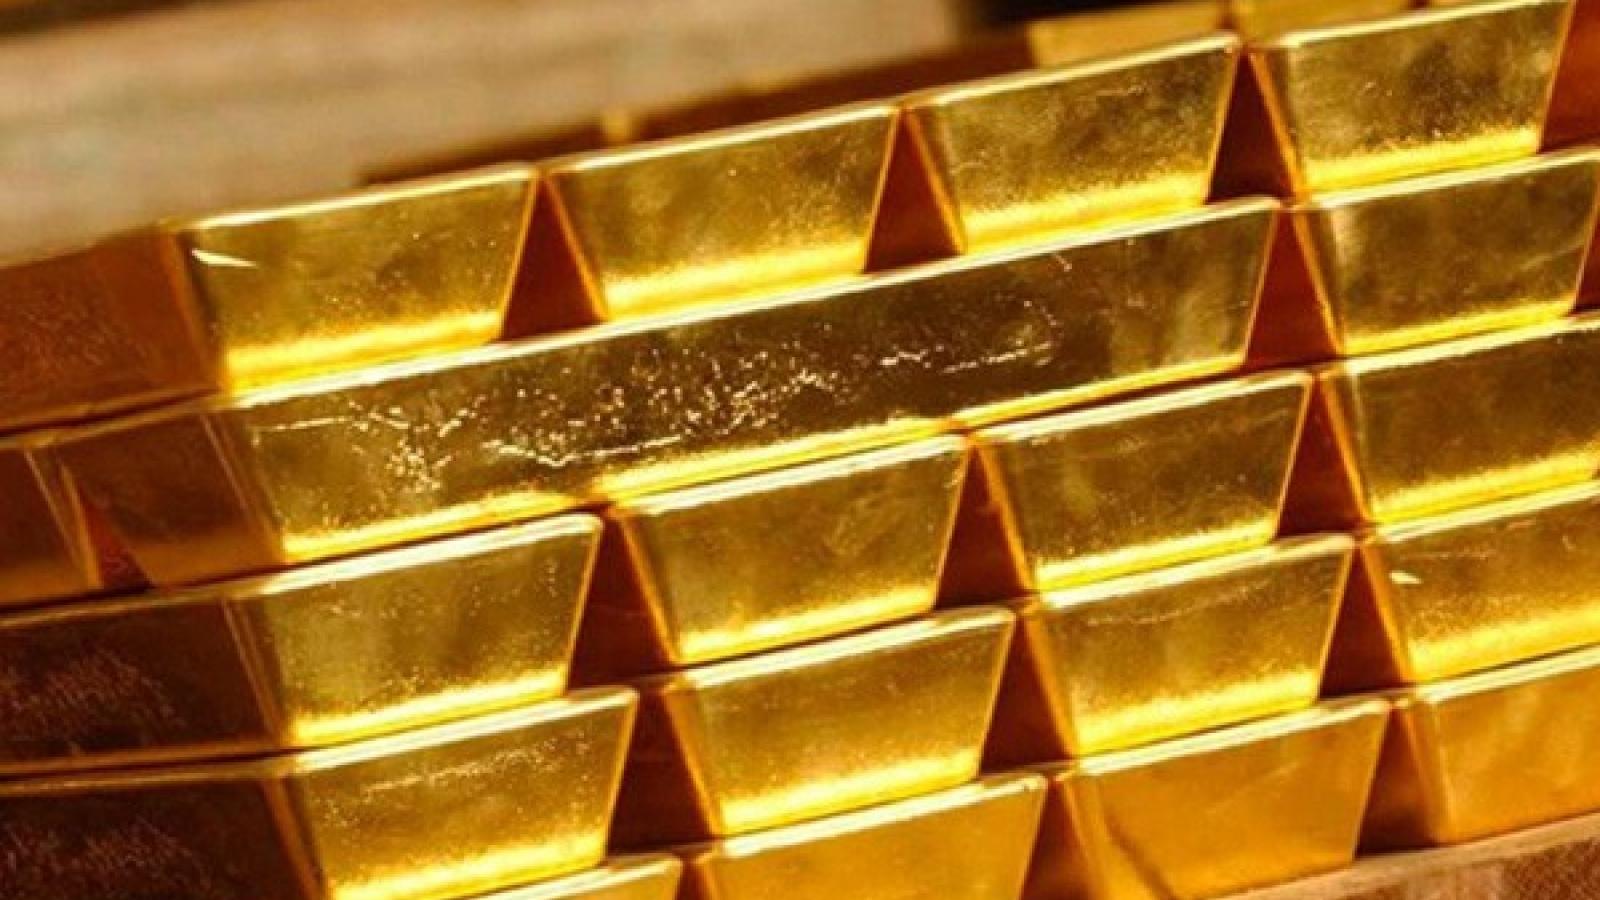 Chỉ số giá vàng tháng 5 tăng 1,68% so với tháng trước